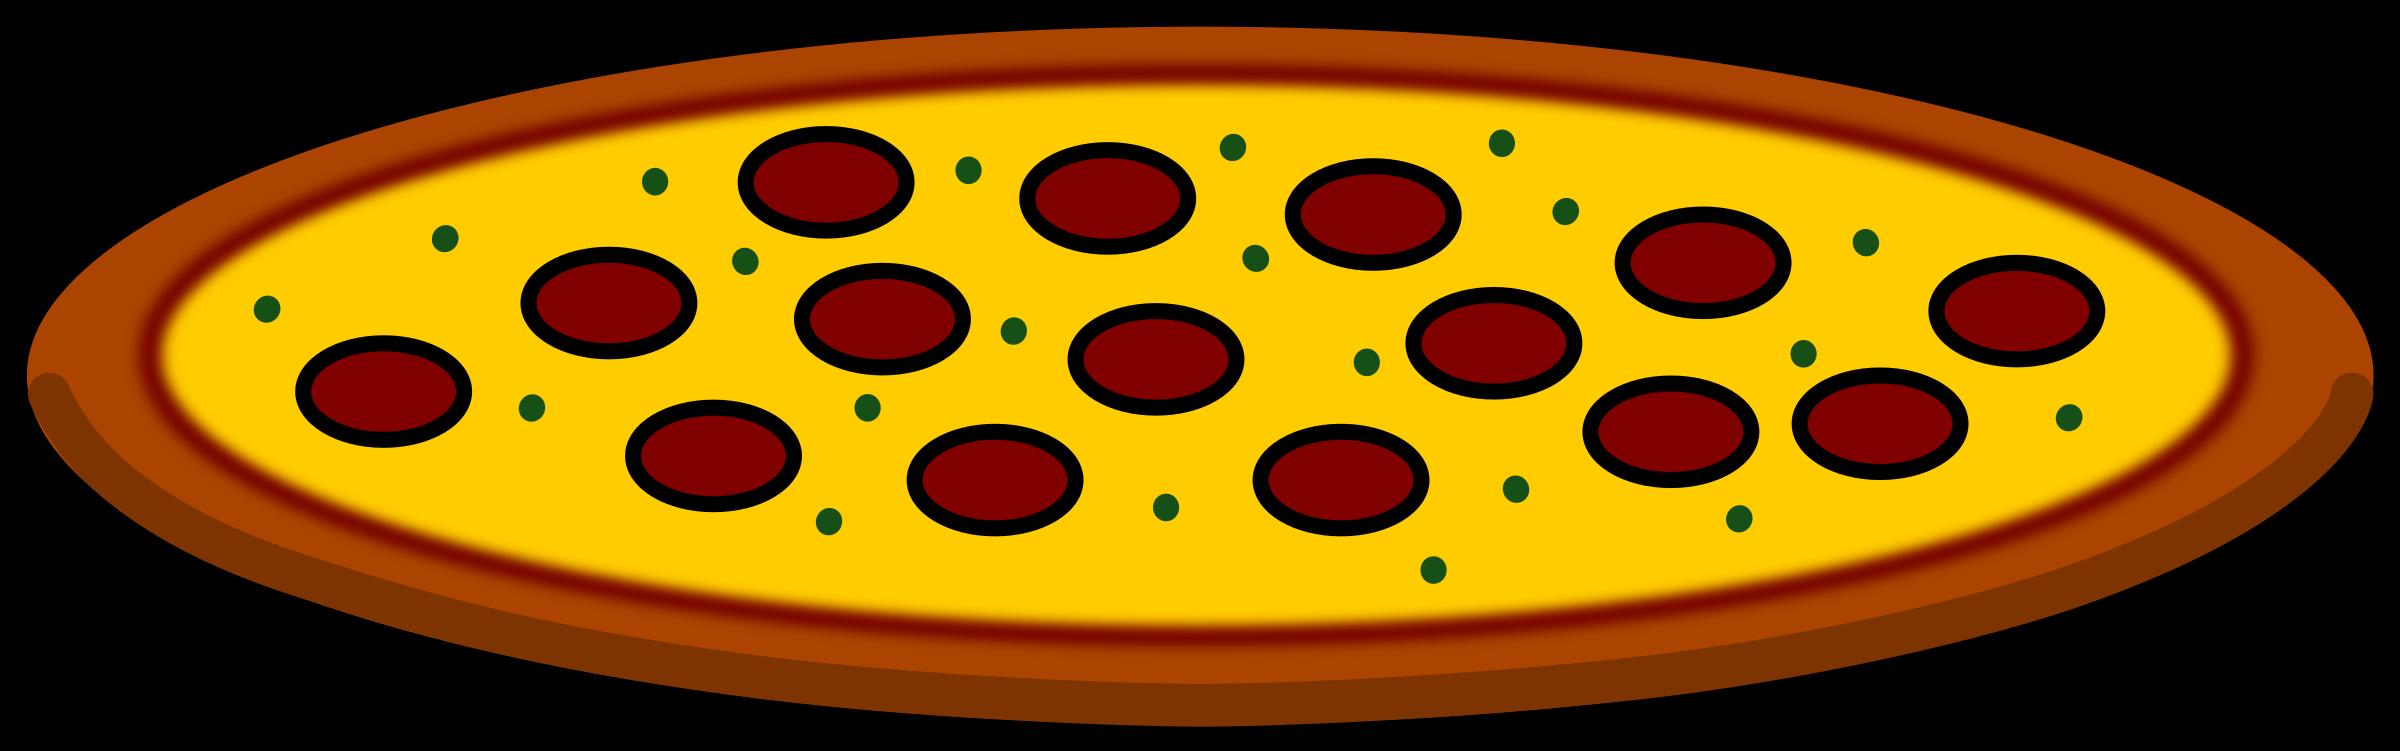 2400x751 Pepperoni Pizza Slice Clip Art